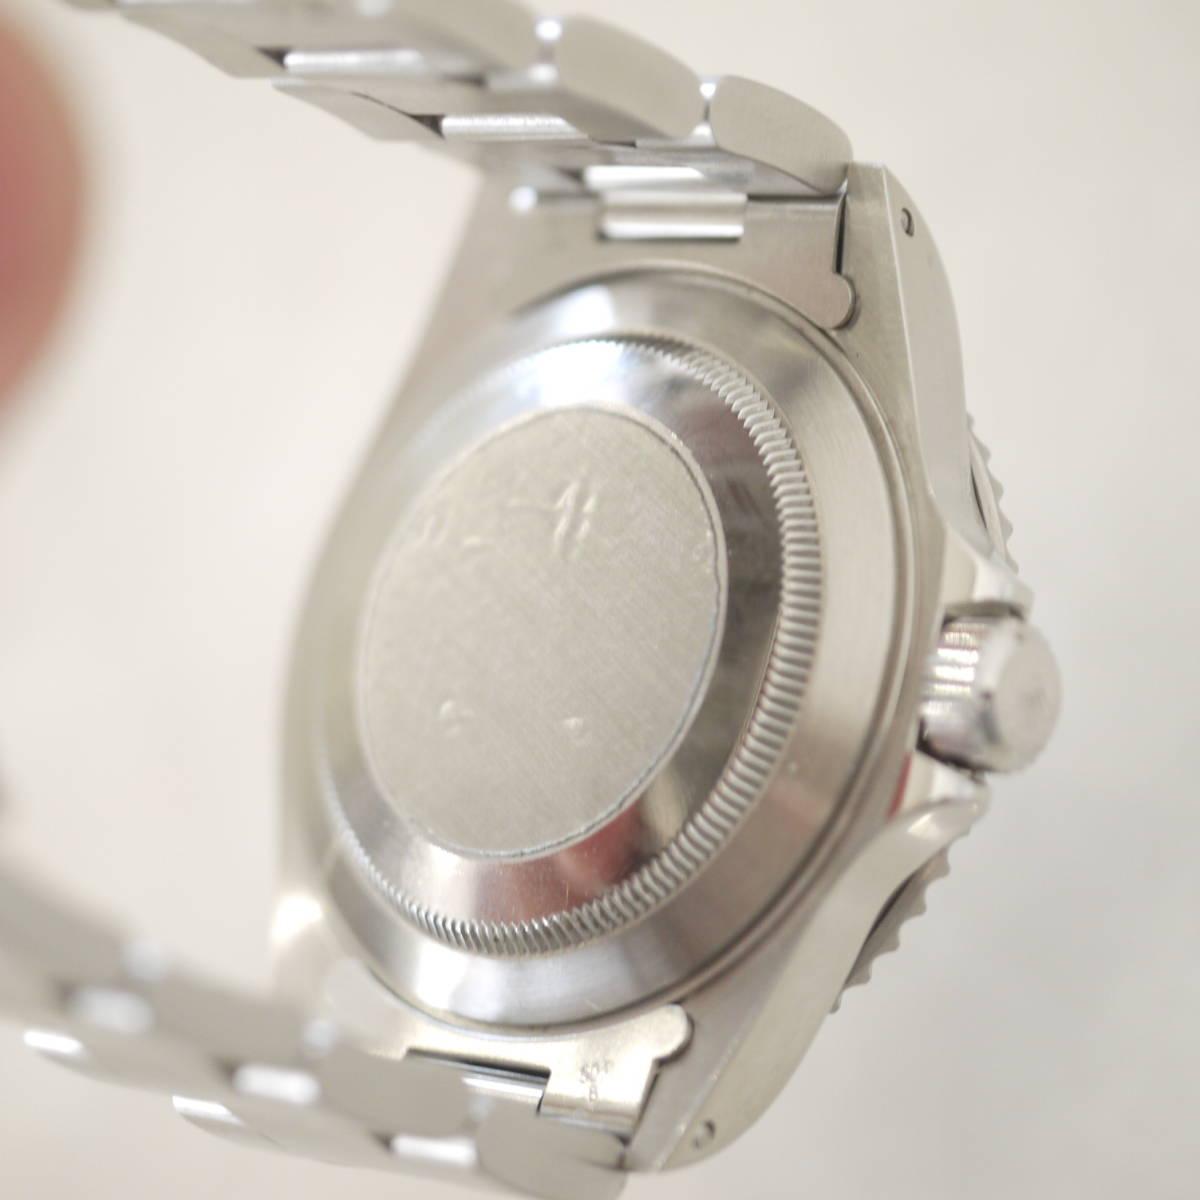 早い者勝ち!! 100%正規品 ROLEX ロレックス サブマリーナ メンズ 自動巻き 腕時計 オートマ 14060M ブラック 黒_画像6